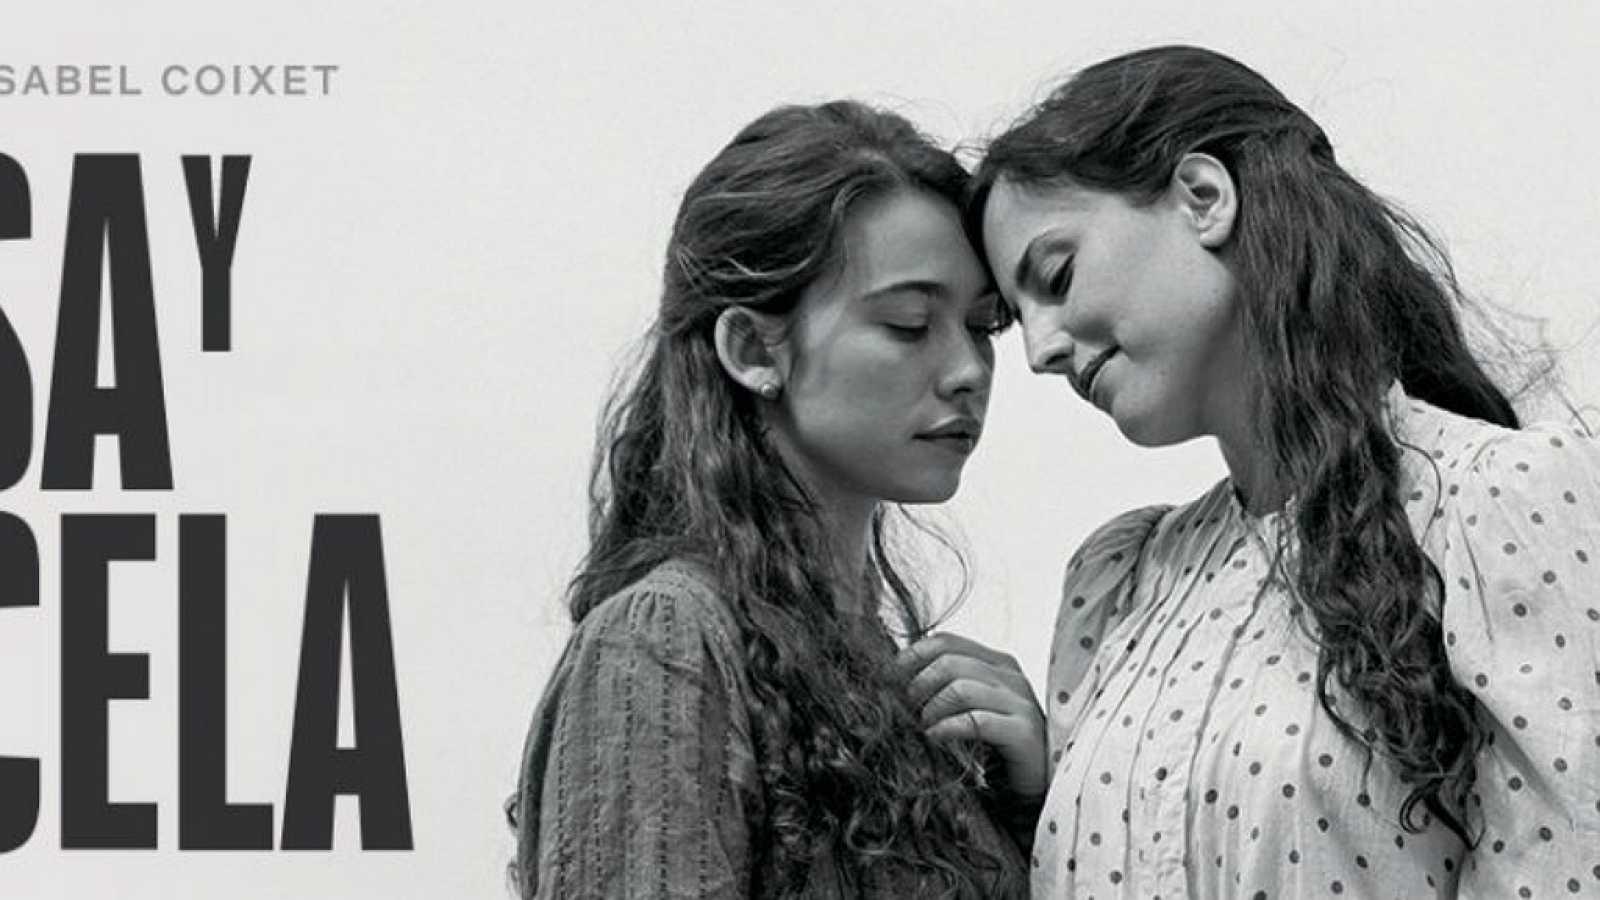 De cine - Cine iberoamericano en la Berlinale 2019 - 01/02/19 - Escuchar ahora